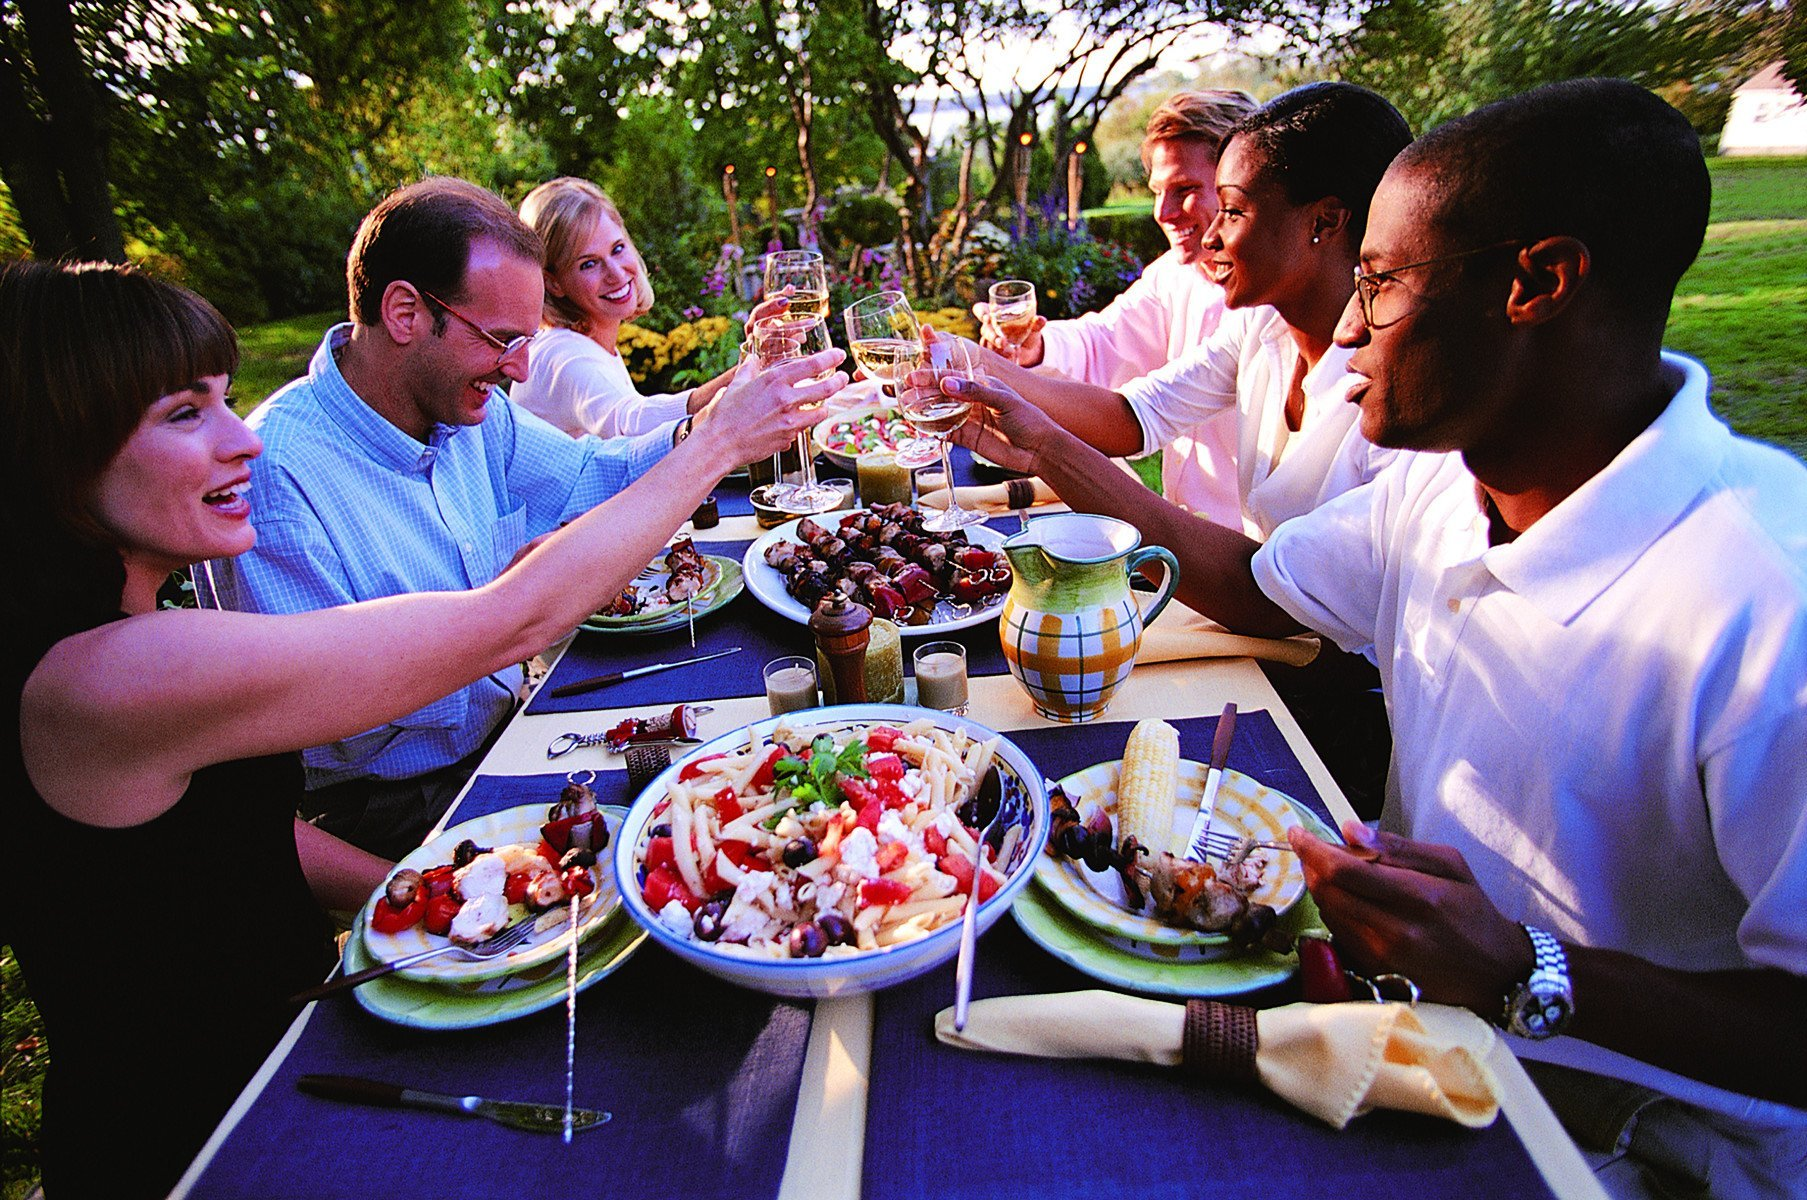 outdoor meals